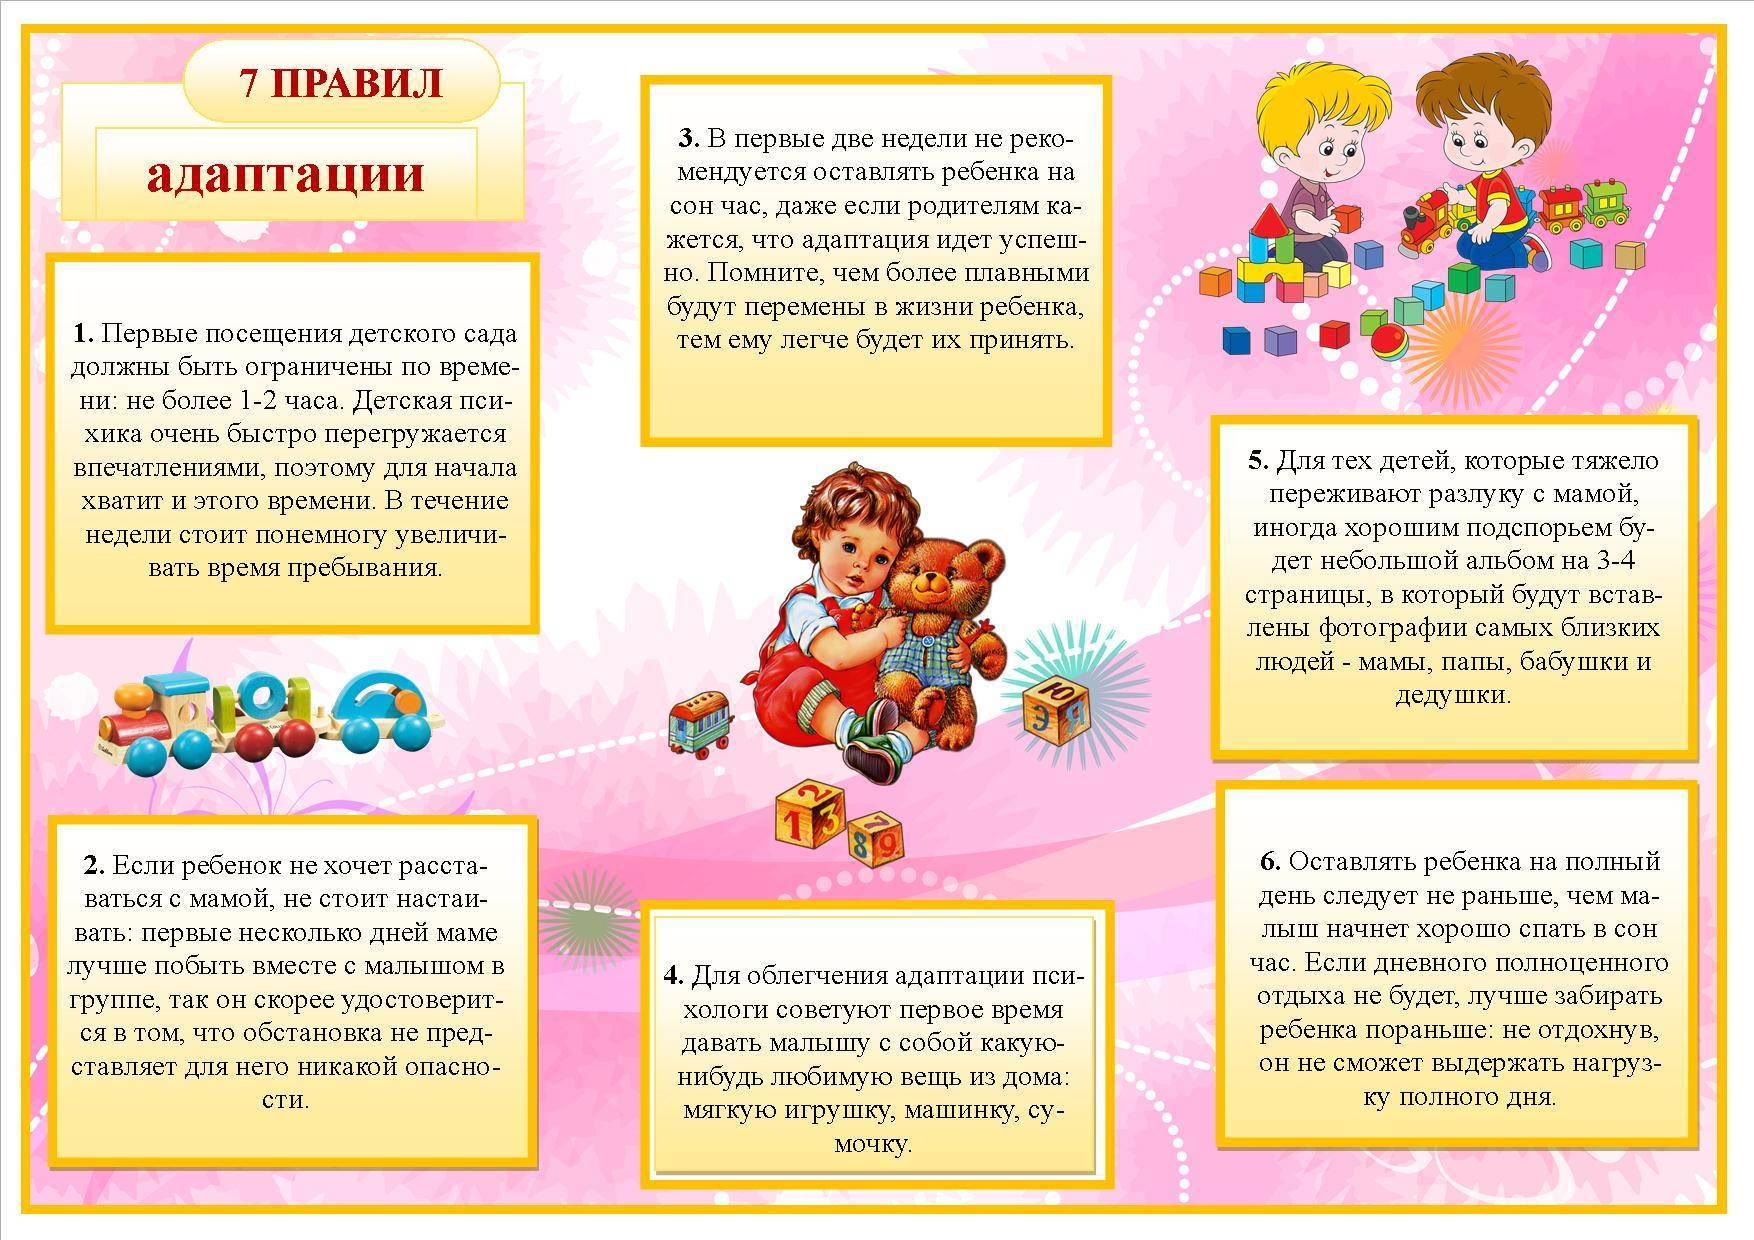 Адаптация ребёнка в детском саду: этапы и степени, как проходит и сколько длится